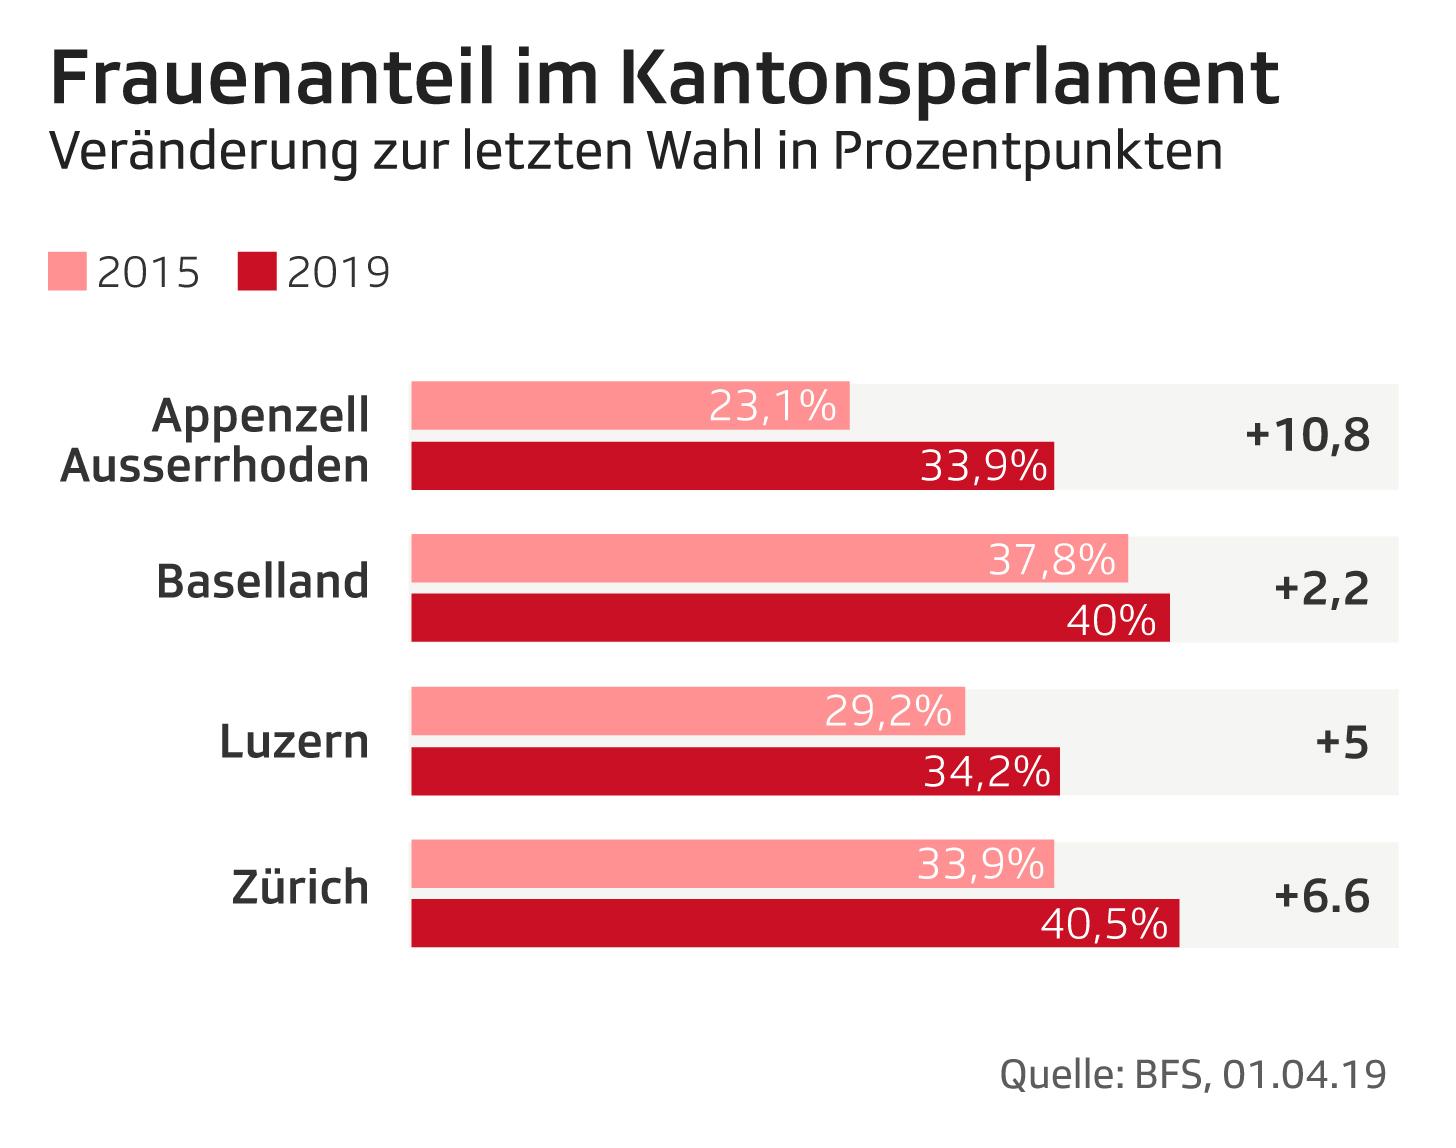 Frauenanteil_im_Kantonsparlament_Veraenderung